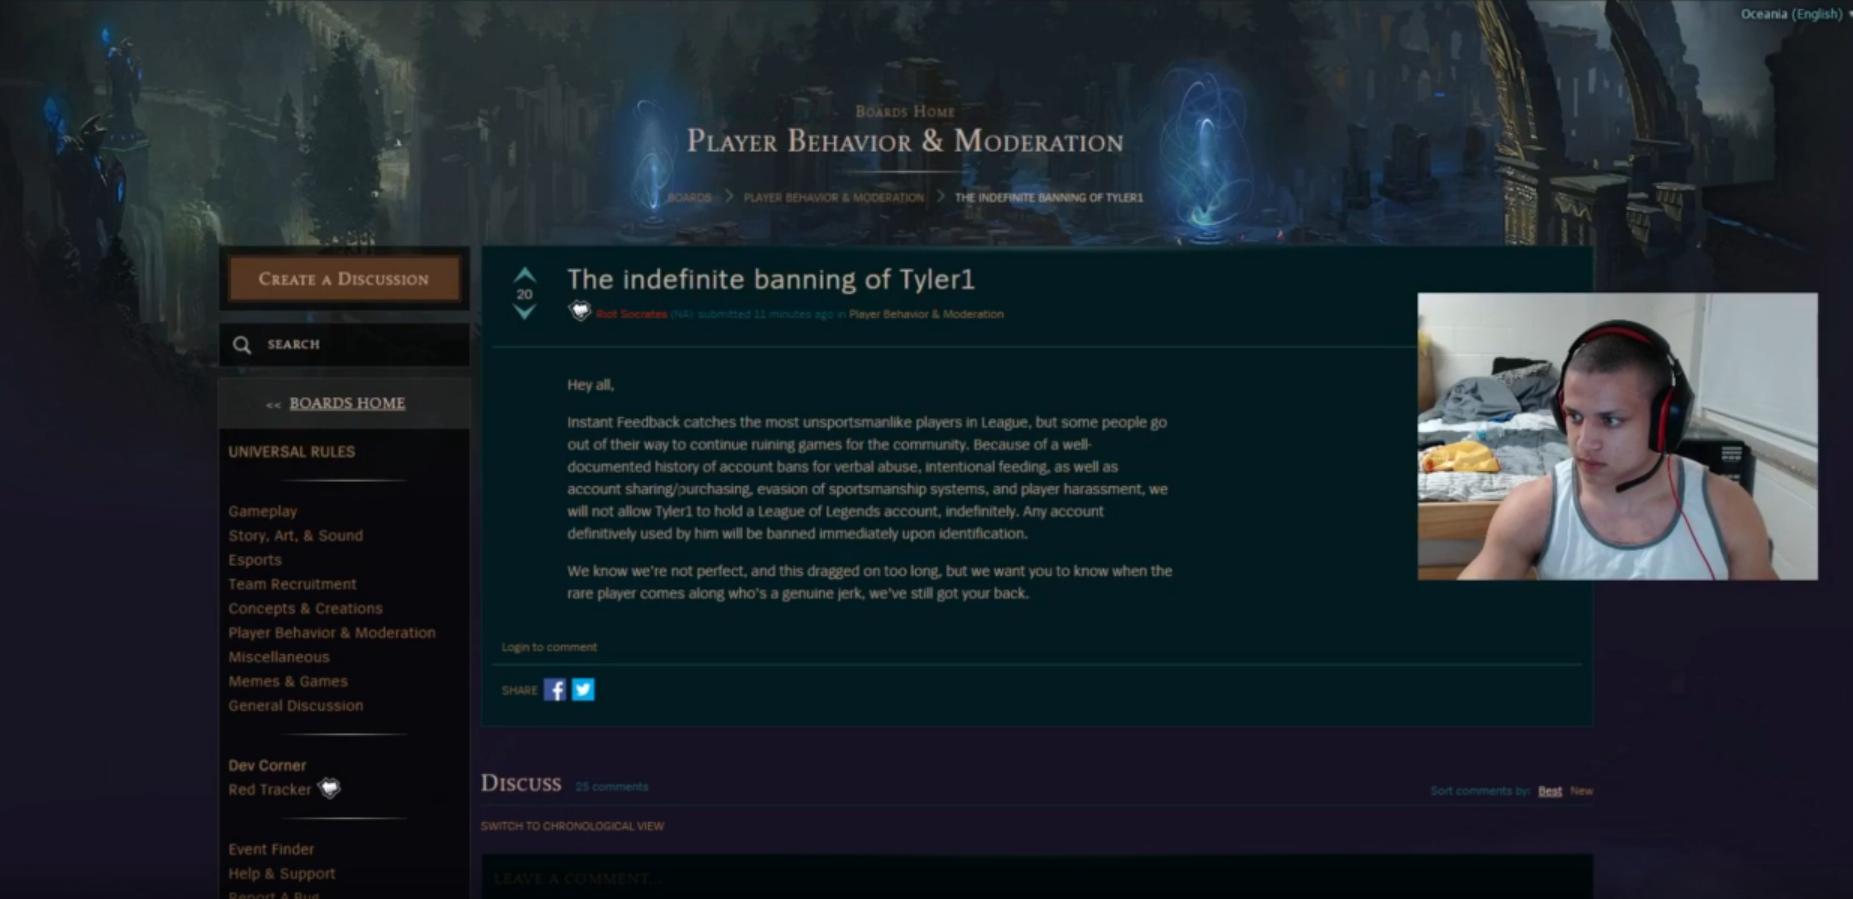 League of Legends: Streamer beleidigt und trollt für Views, wird aus LoL gebannt